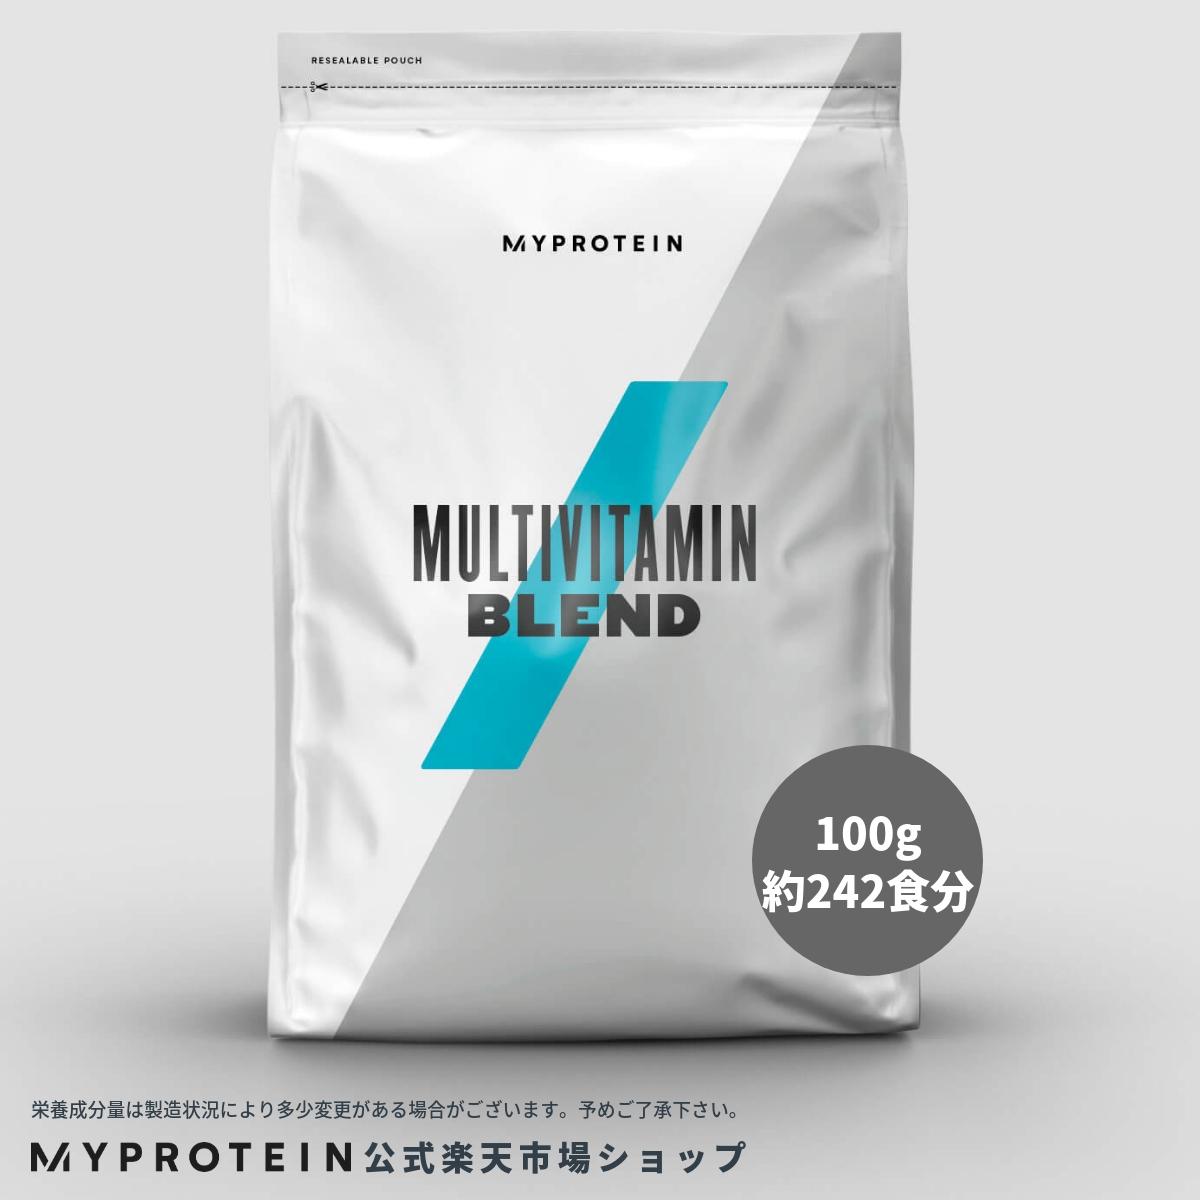 マイプロテイン 公式 【MyProtein】 マルチビタミン ブレンド パウダー 100g 約242食分| サプリメント サプリ ビタミン ビタミンA ビタミンE ビタミンC ビタミンD 健康サプリ 栄養補助食品 栄養補助